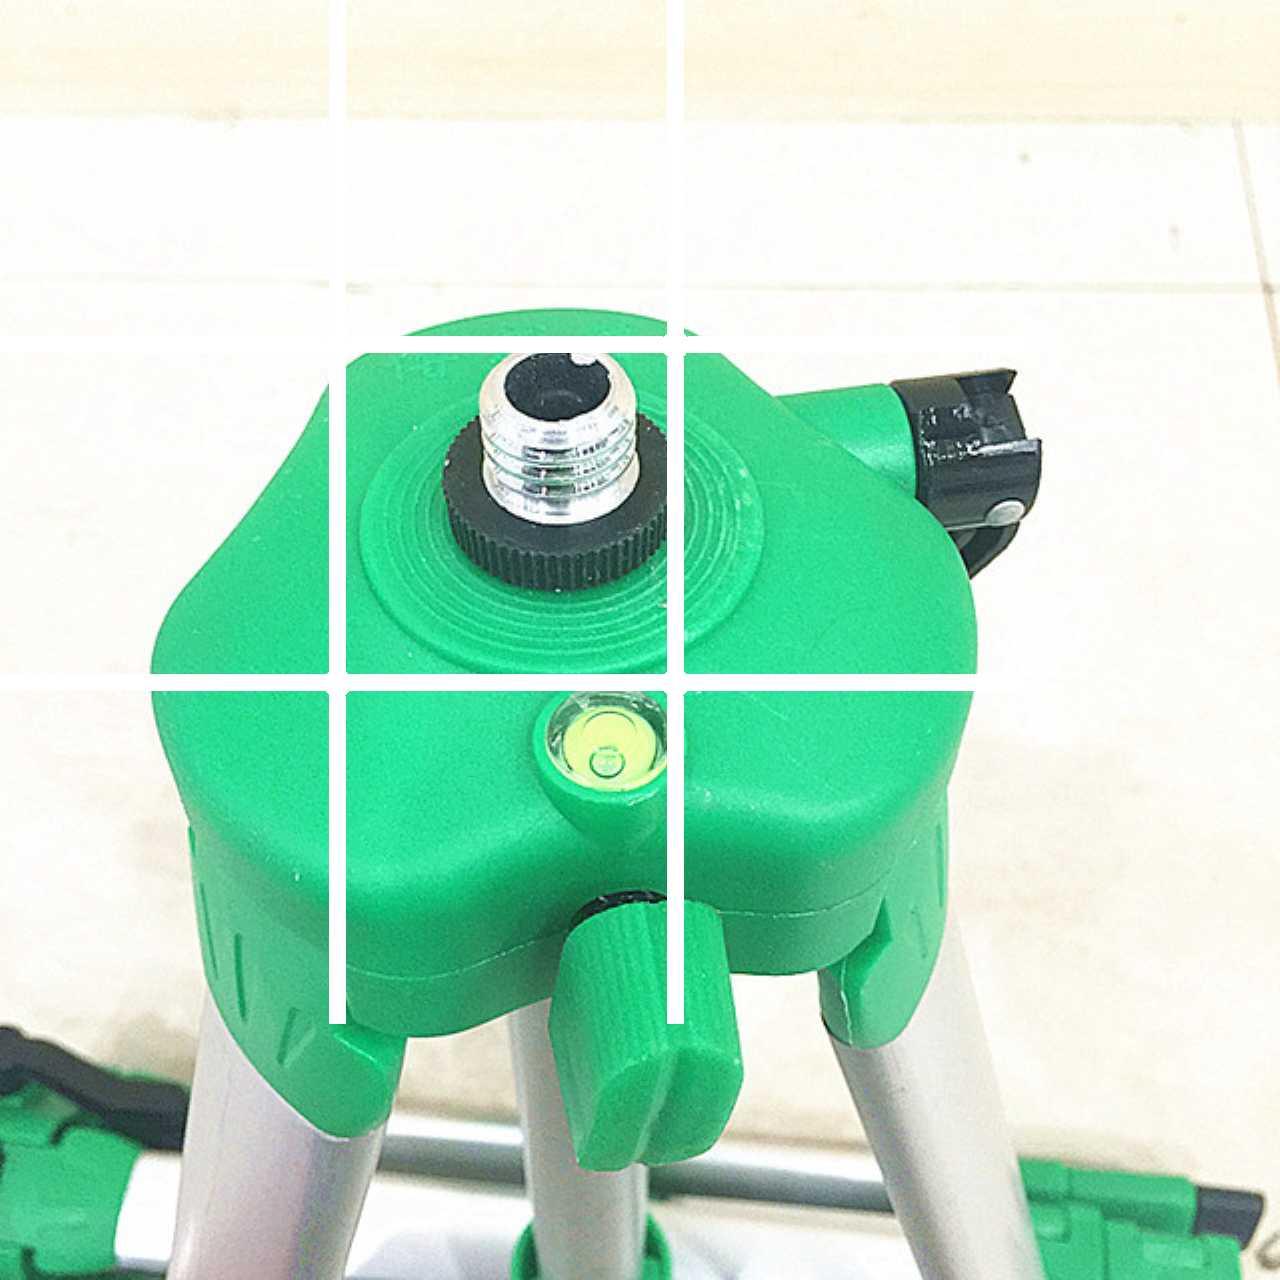 เครื่องเลเซอร์ระดับสามขาตั้งกล้องอินฟราเรดเครื่องวัดอุปกรณ์นั่งร้านขาตั้งอลูมิเนียมลวดสนามเล่นระดับ